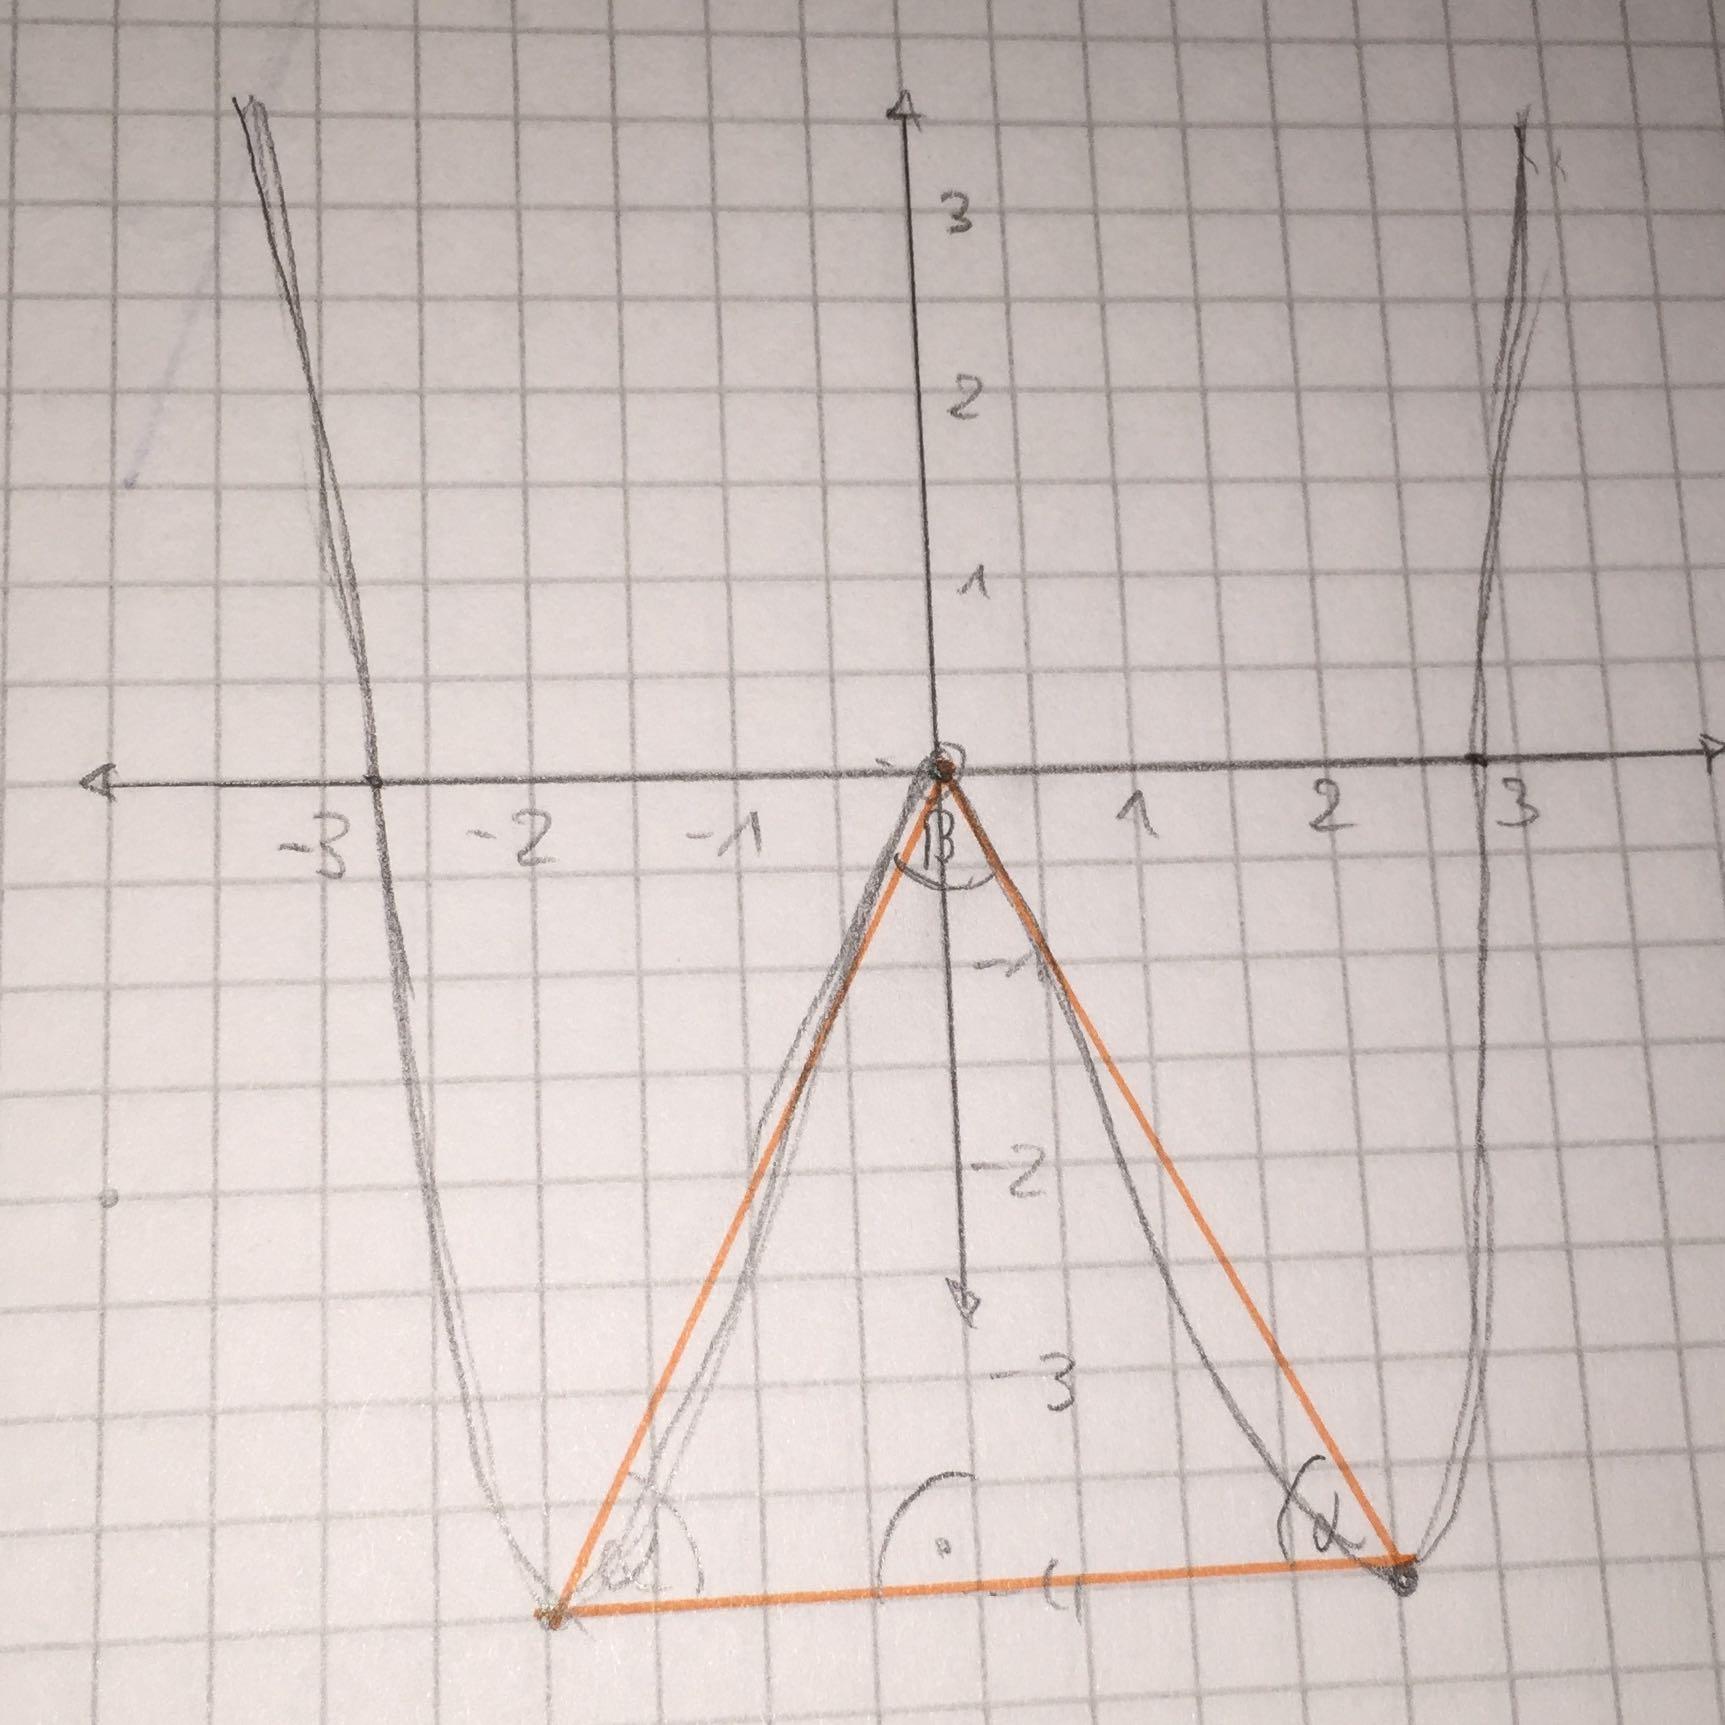 wie berechnet man die innenwinkel von diesem dreieck mathe funktion berechnen. Black Bedroom Furniture Sets. Home Design Ideas